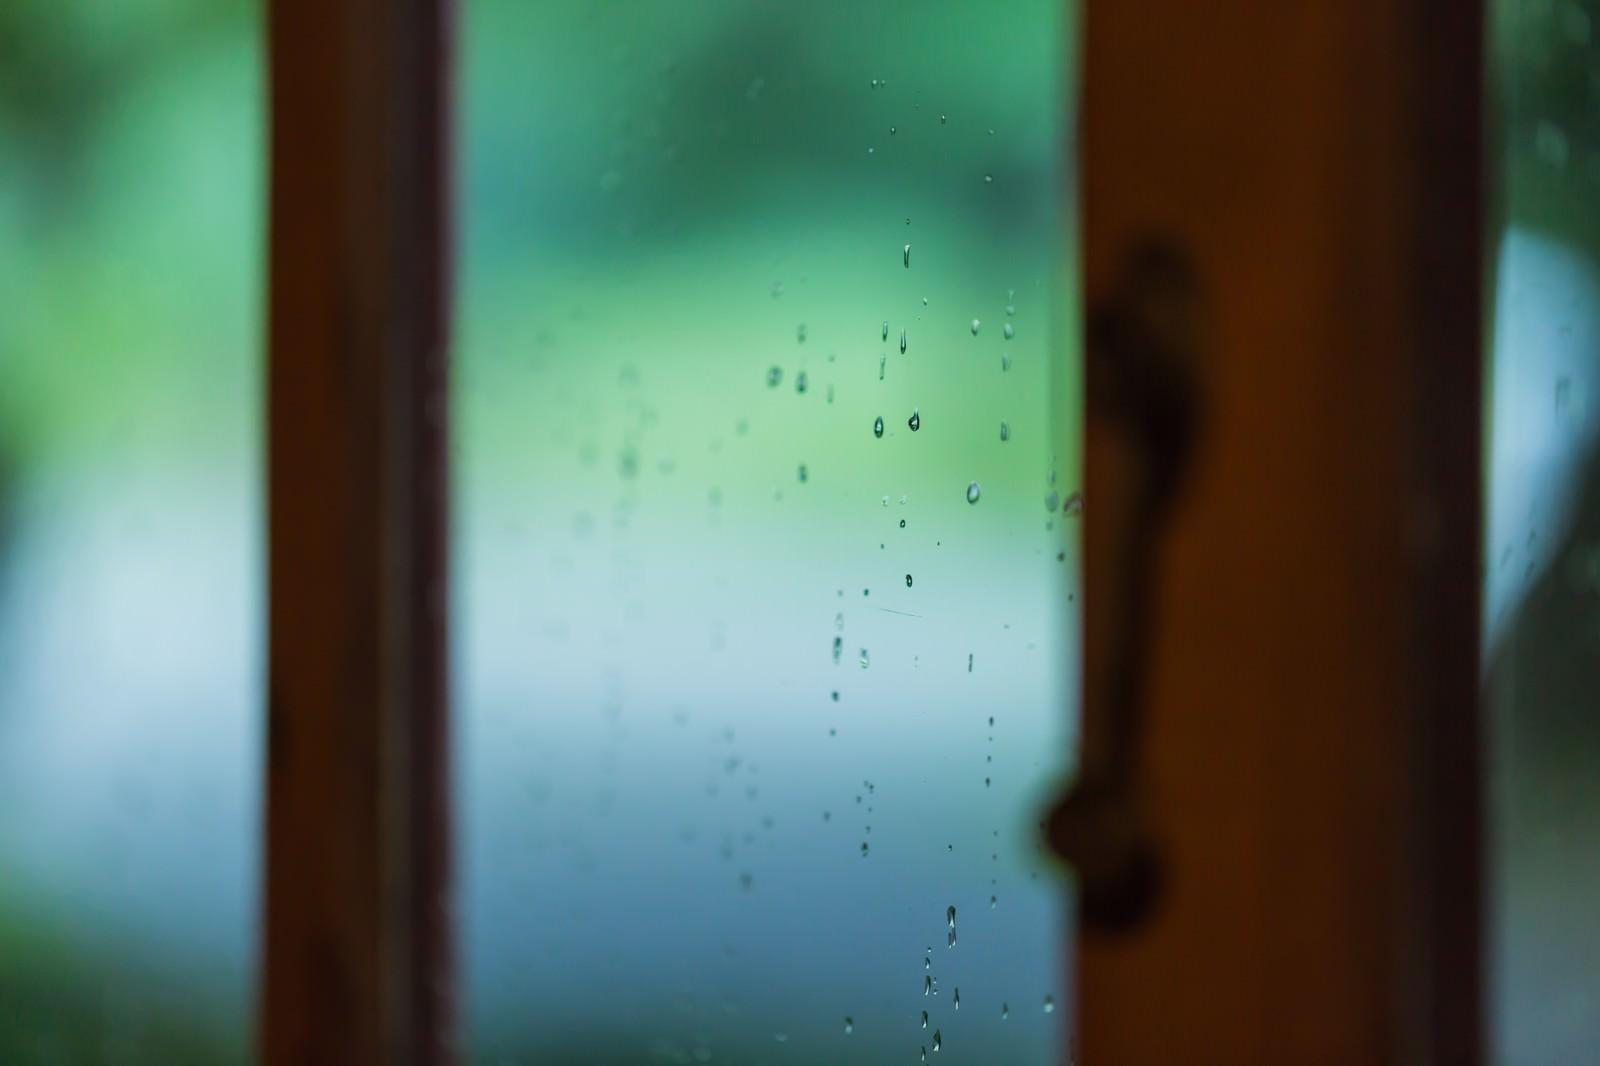 「ガラス窓についた水滴」の写真